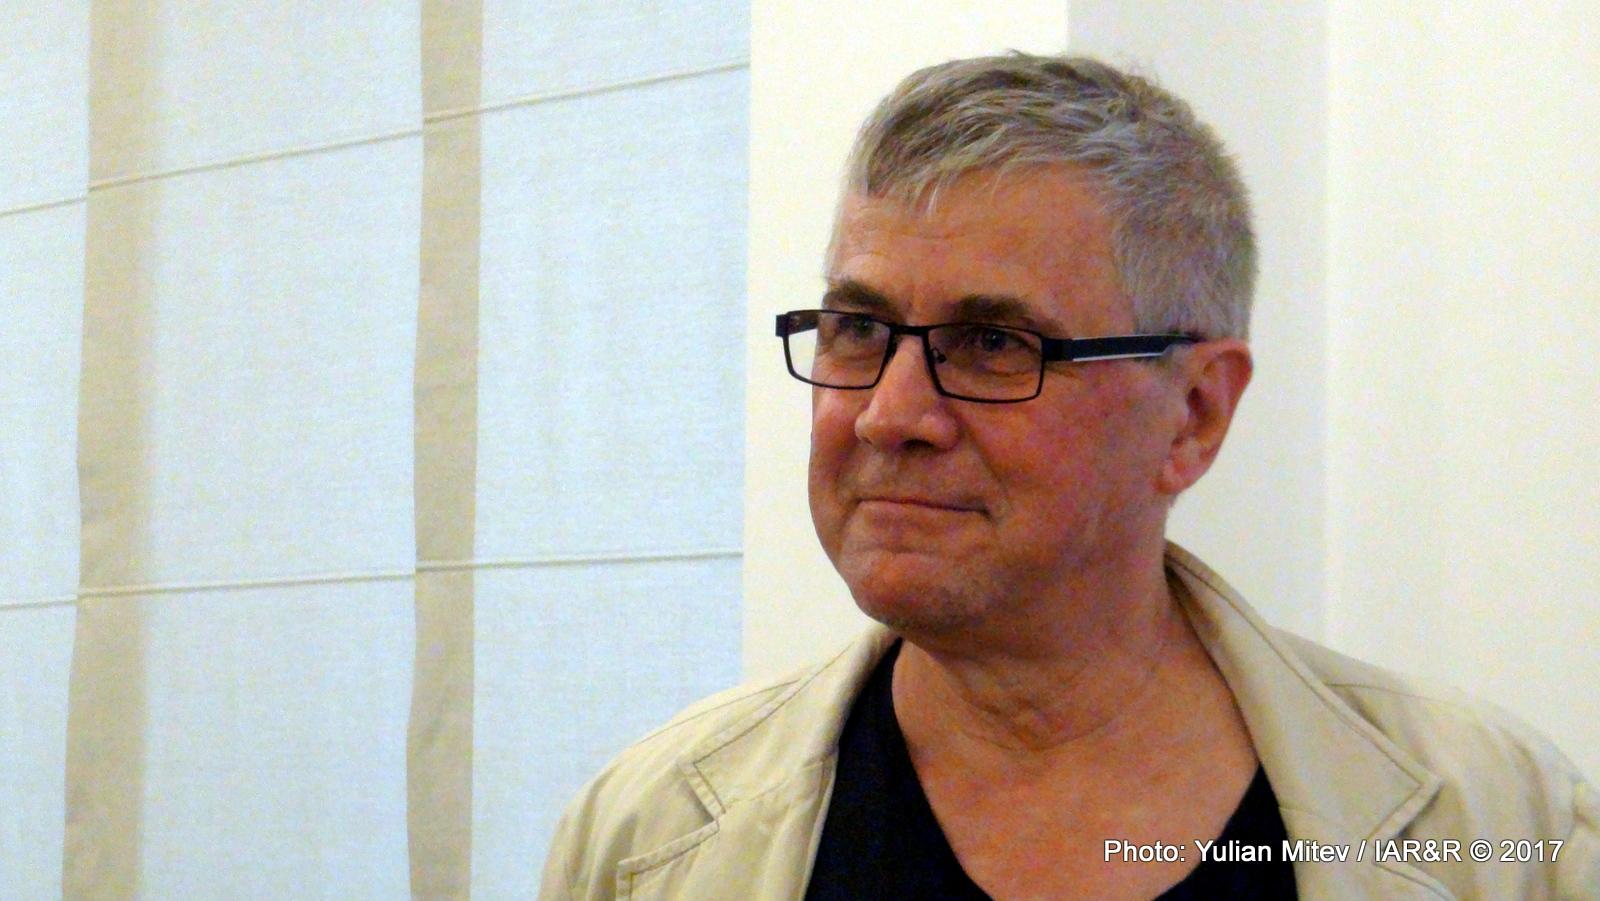 """Извънстудиен портрет на художника Николай Панайотов, направен по време на откриването на неговата изложба Monkey Times на 18 септември 2017 г. в галерия """"Стубел"""" в София"""